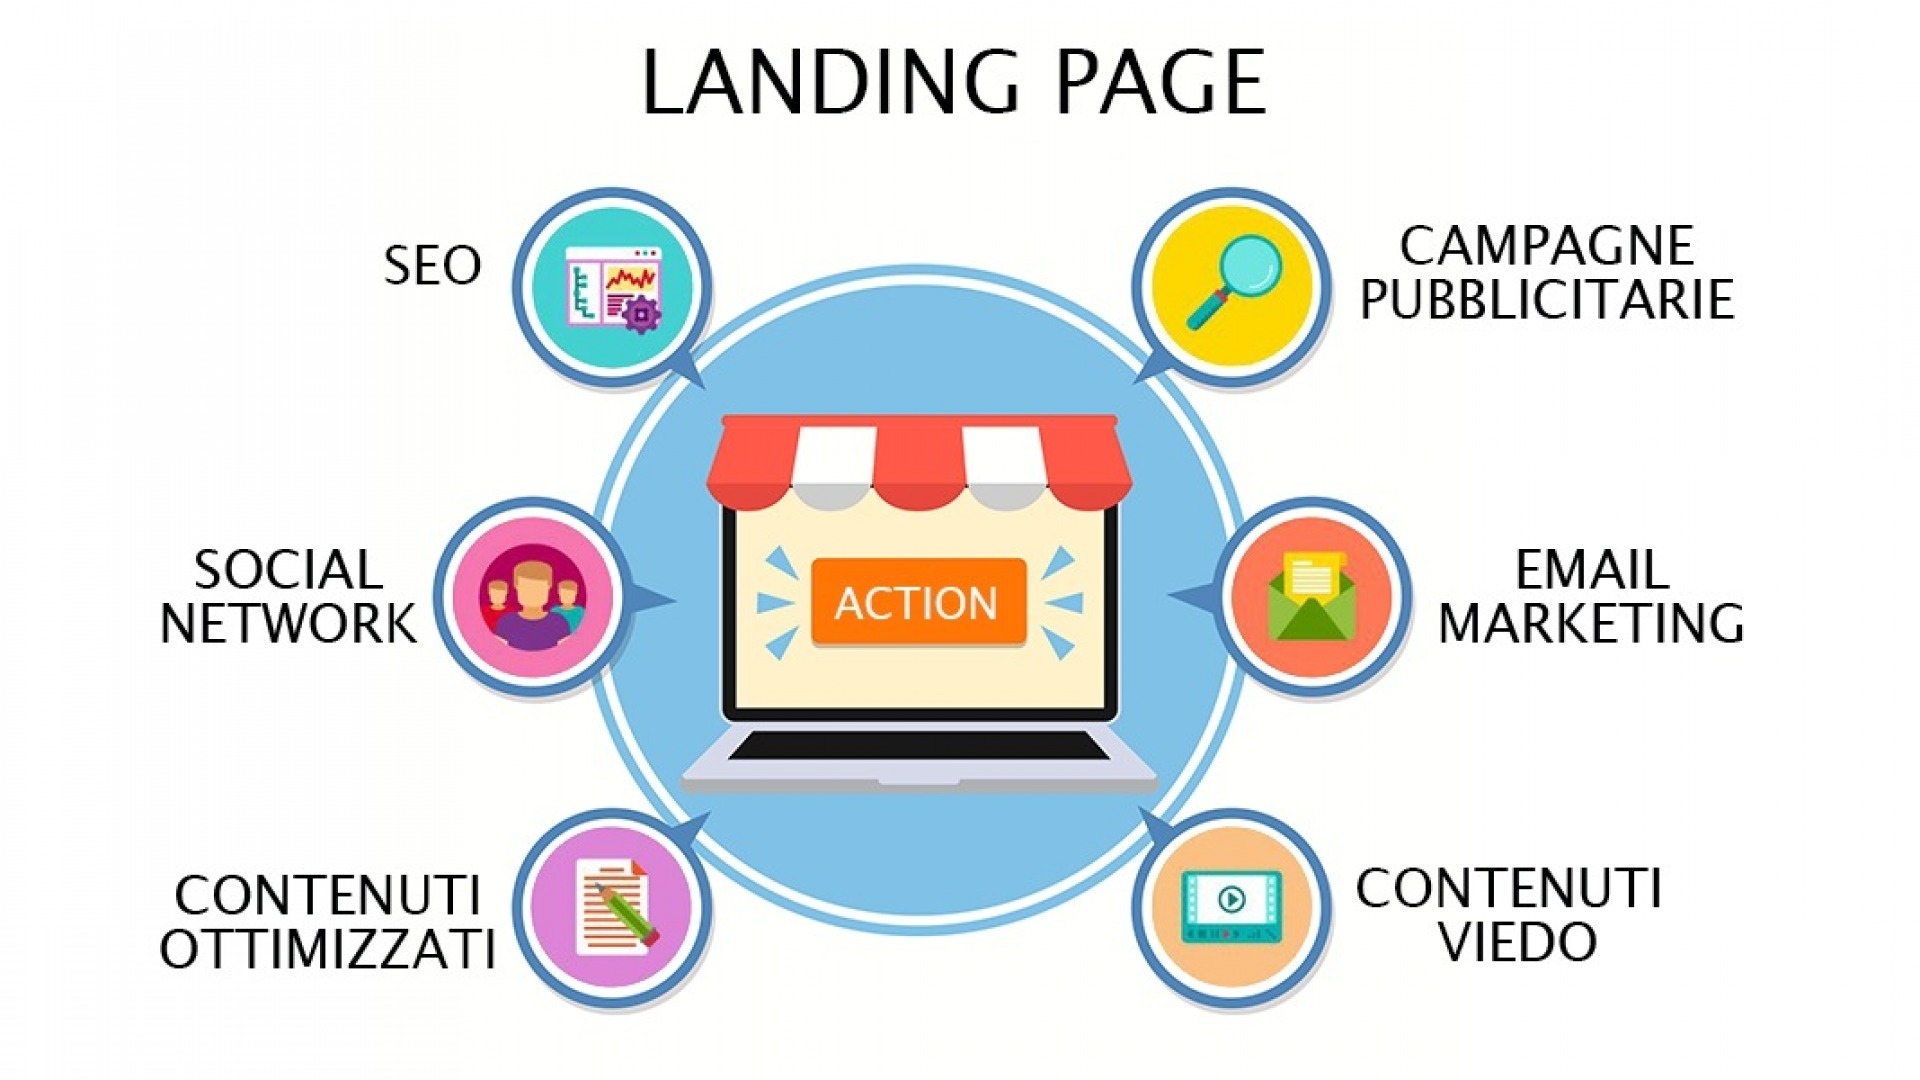 Perché creare una Landing Page